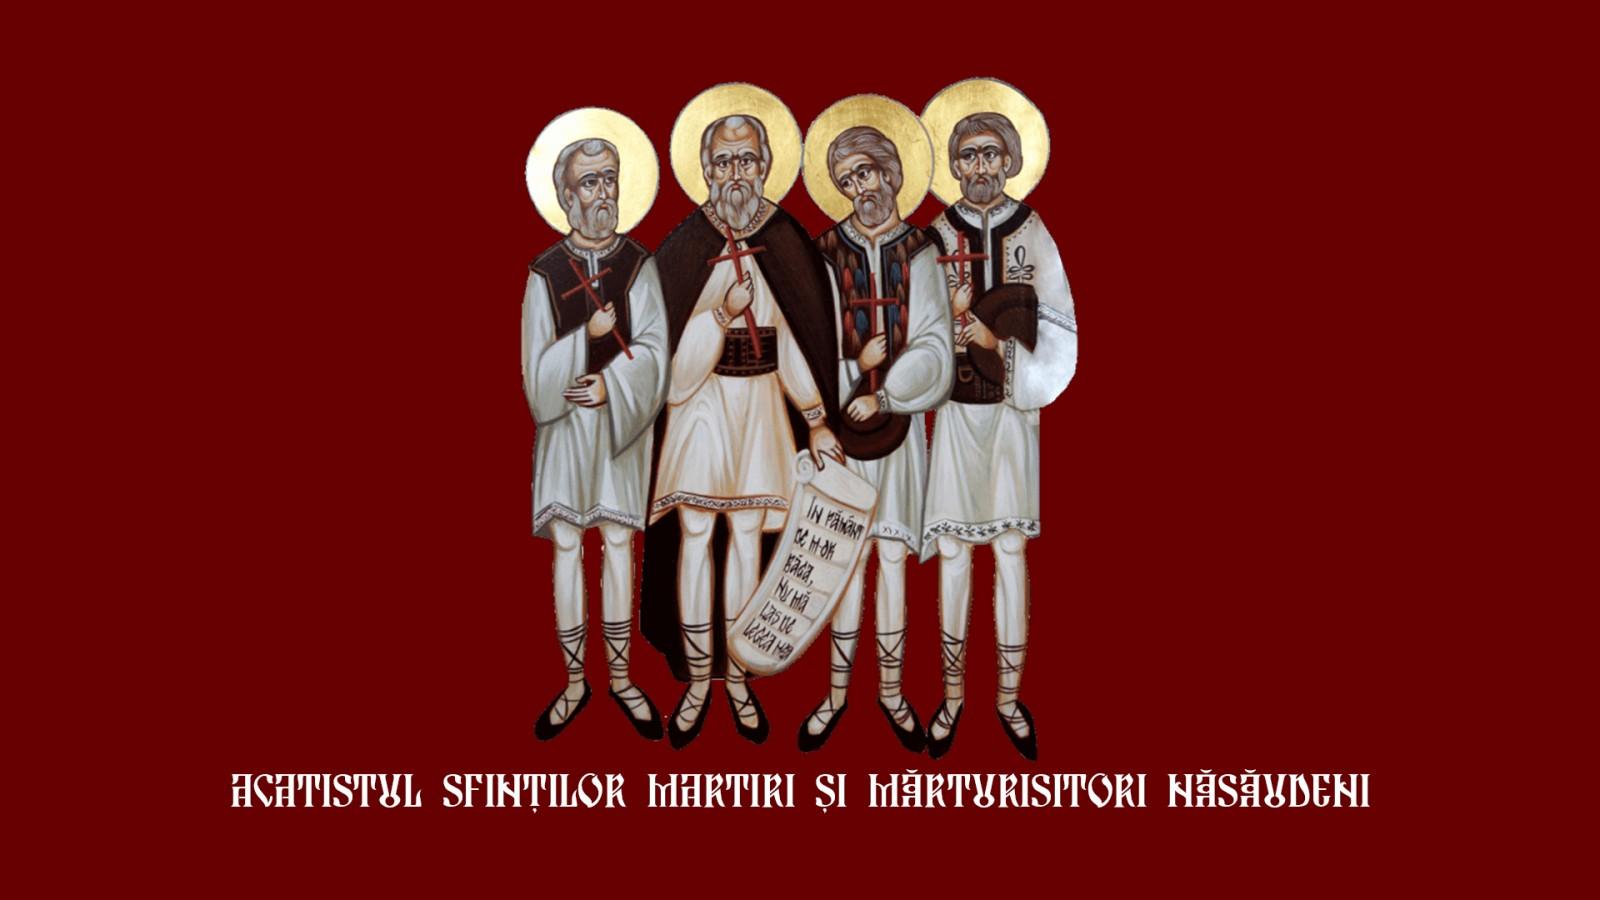 Acatistul Sfinţilor Martiri şi Mărturisitori Năsăudeni